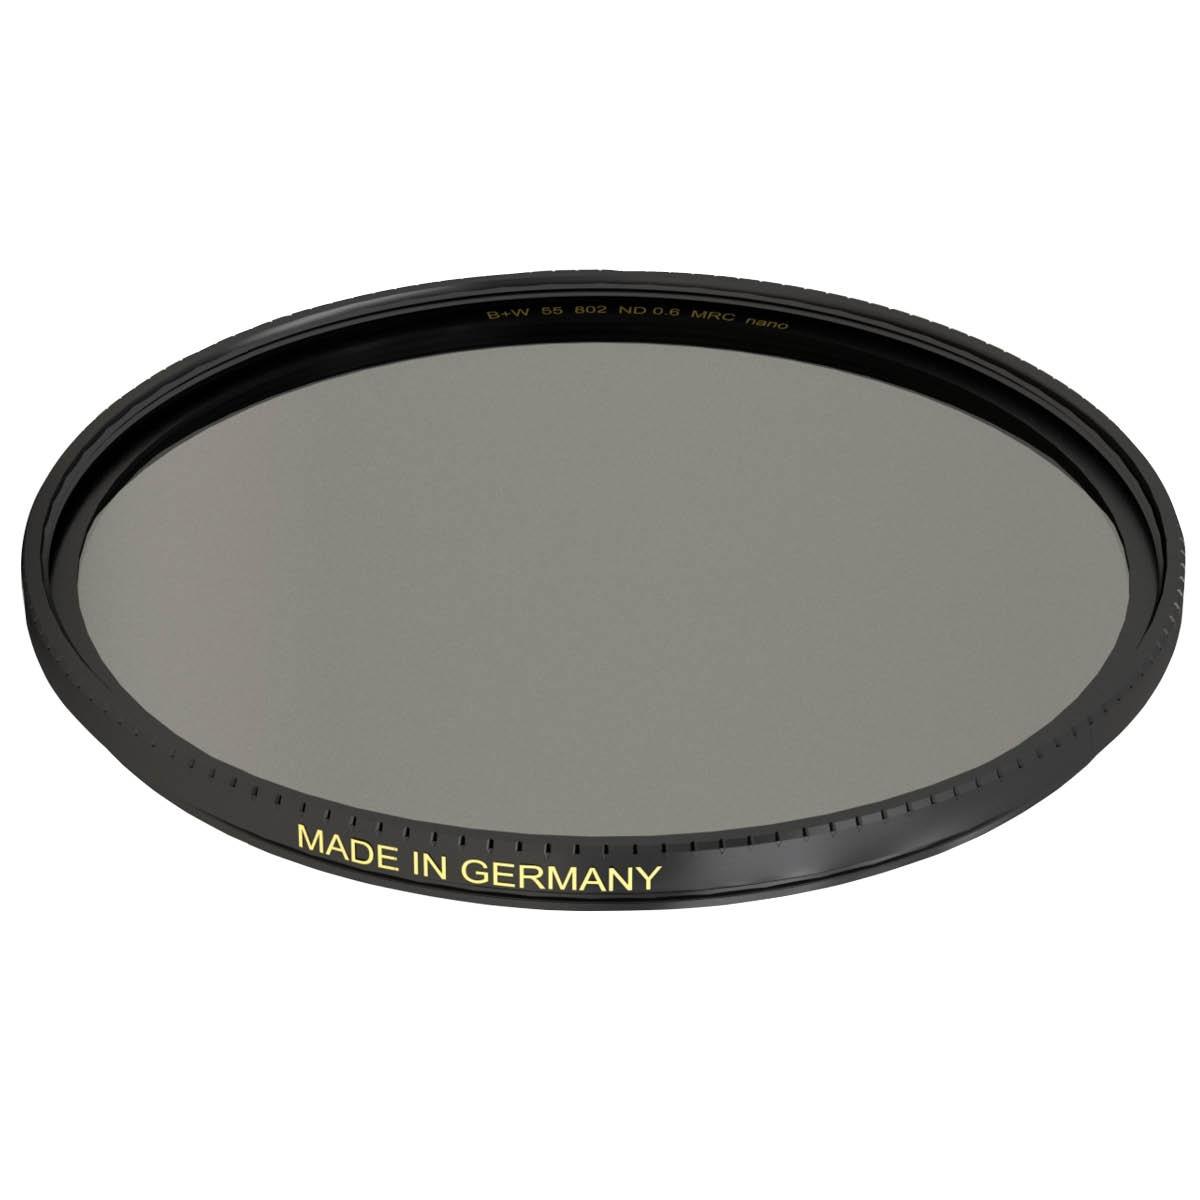 B+W Graufilter 67 mm XS-Pro +2